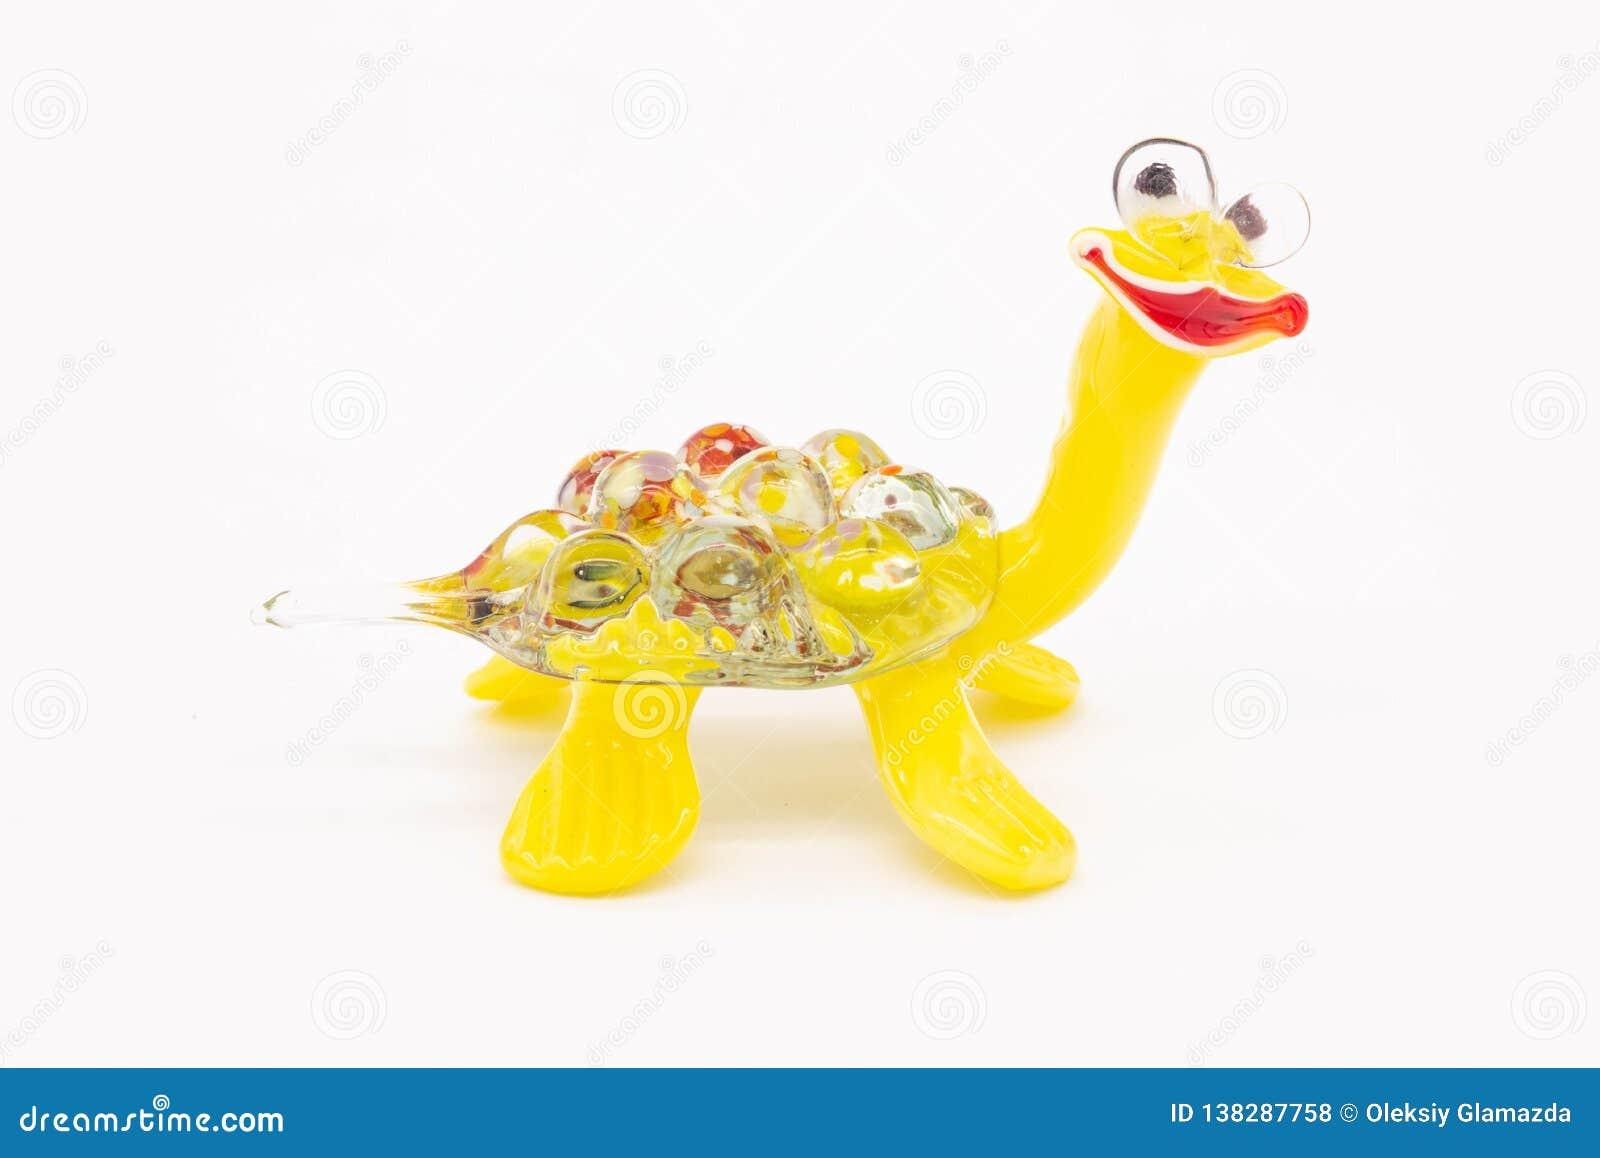 Un pequeño juguete es una tortuga